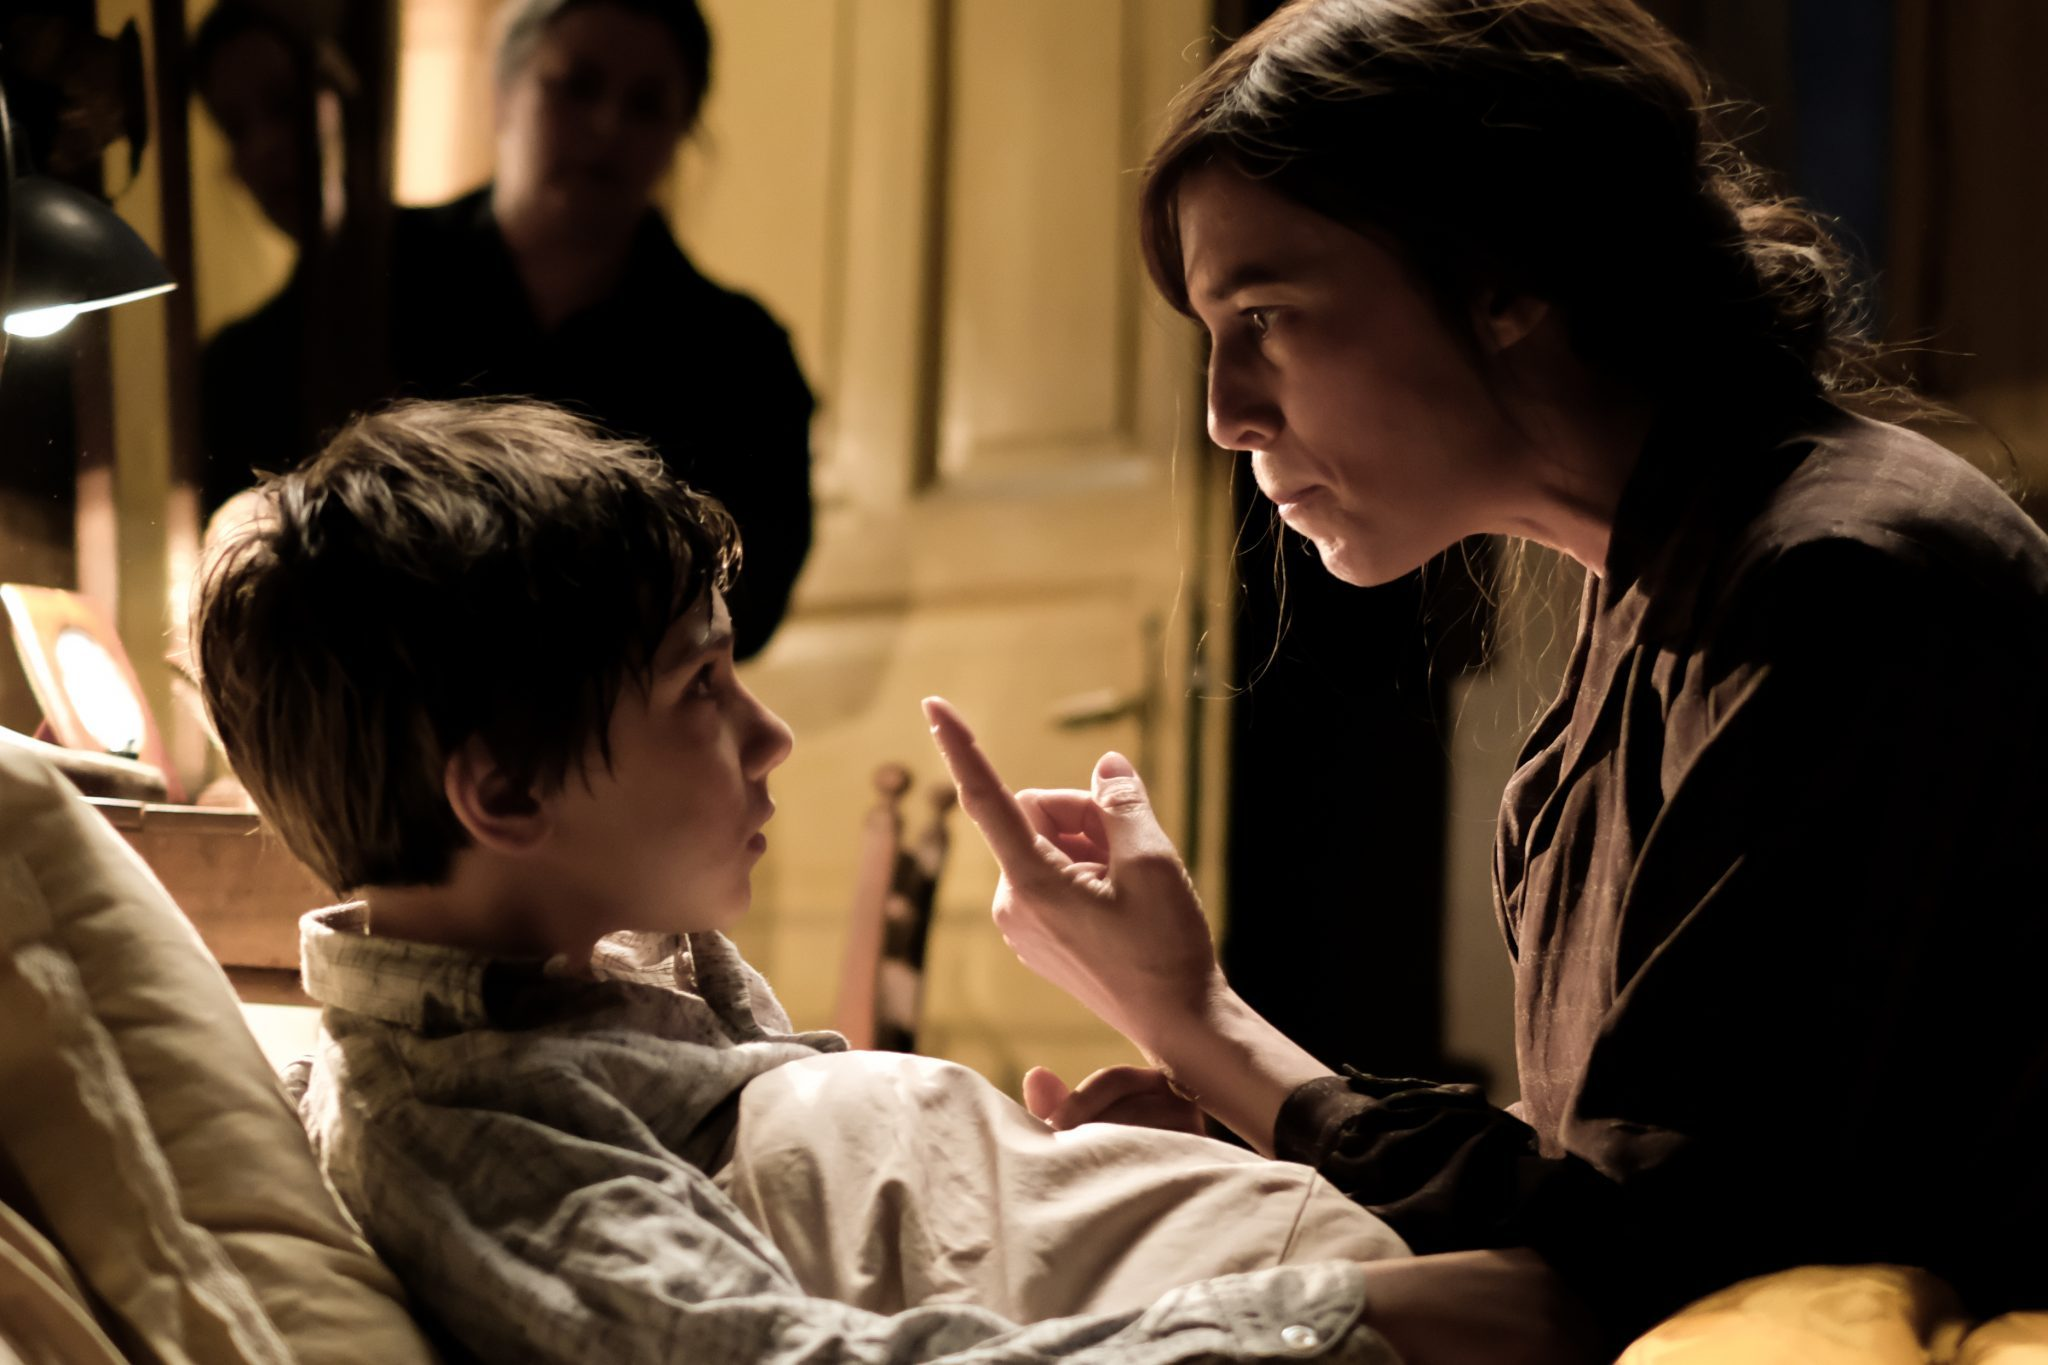 La Promesse de l'aube Charlotte Gainsbourg film